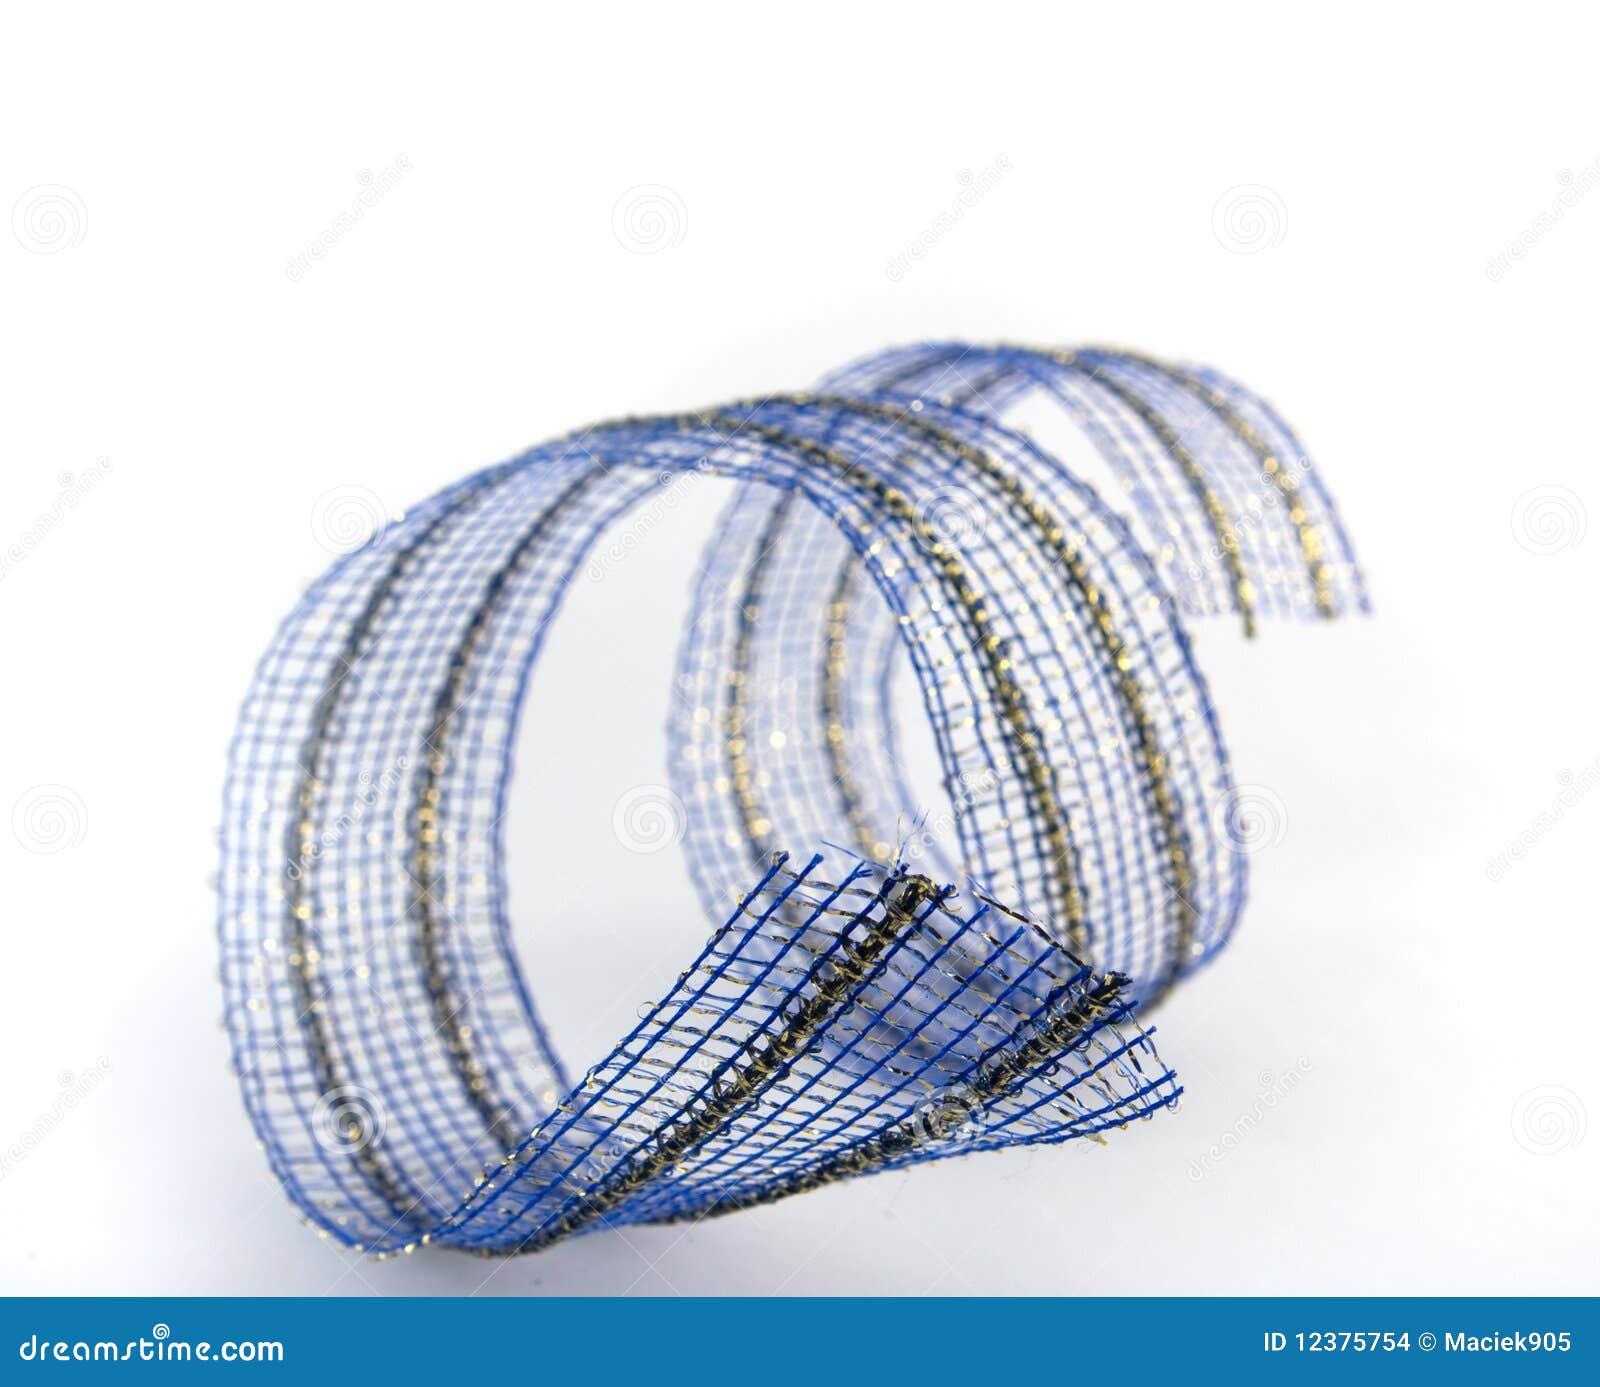 Beautiful blue ribbon